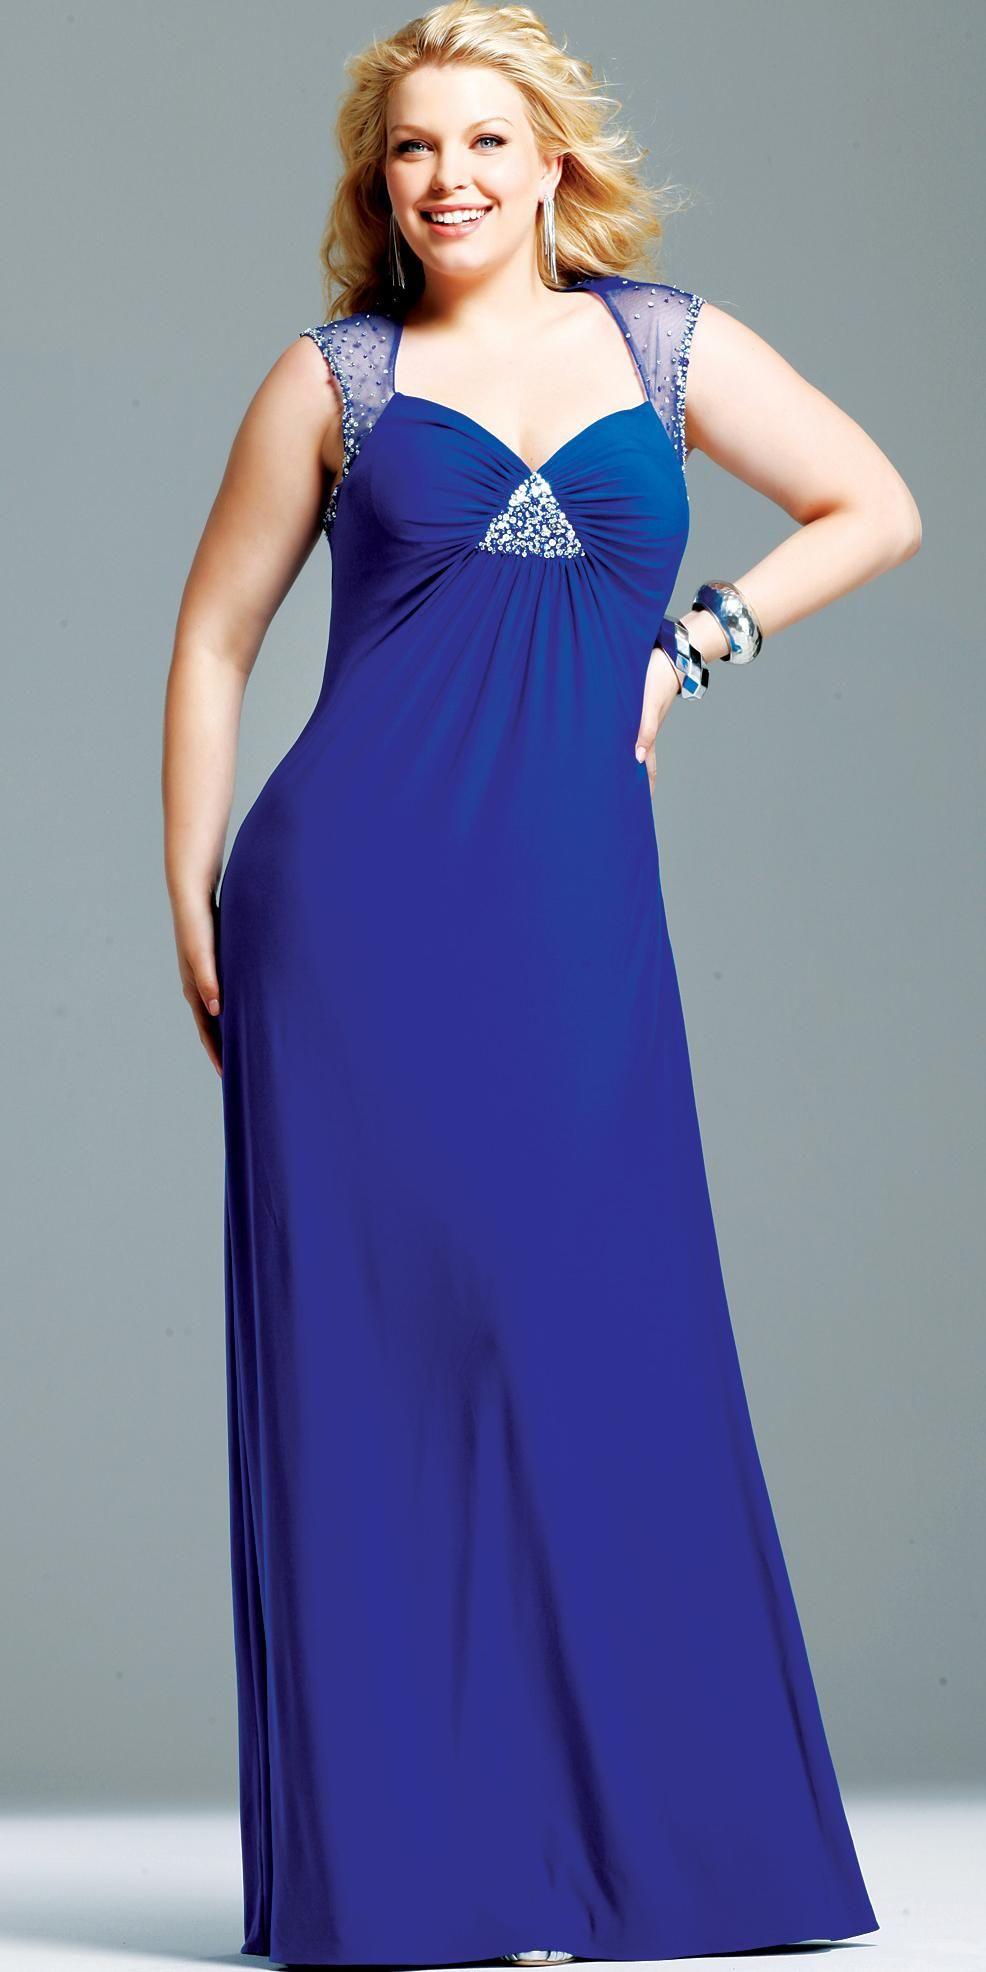 Birbirinden Sik Buyuk Beden Abiye Modelleri Elbise Modelleri Elbise Elbiseler